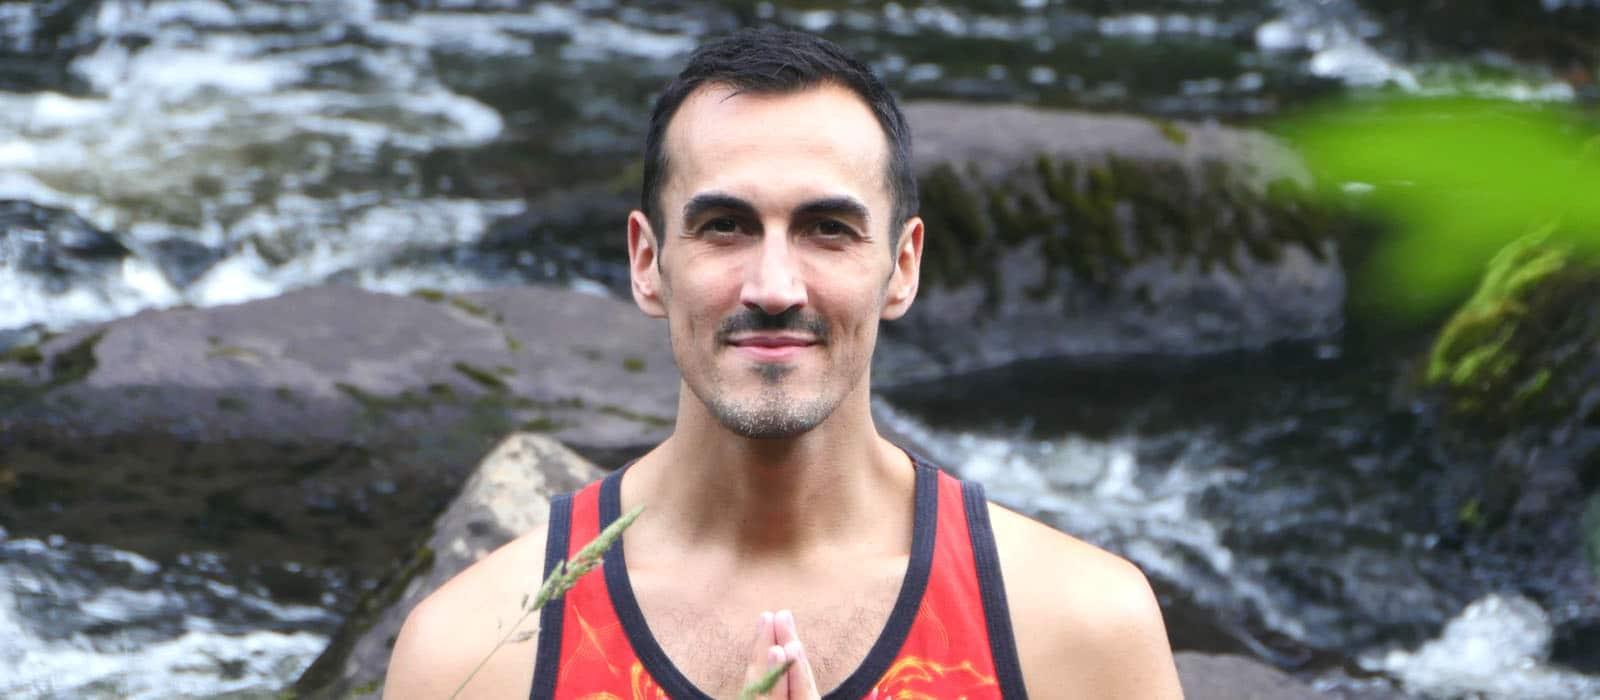 Voyage organisé en petit groupe - Egypte - Martin Bilodeau - Agence de voyage Les Routes du Monde